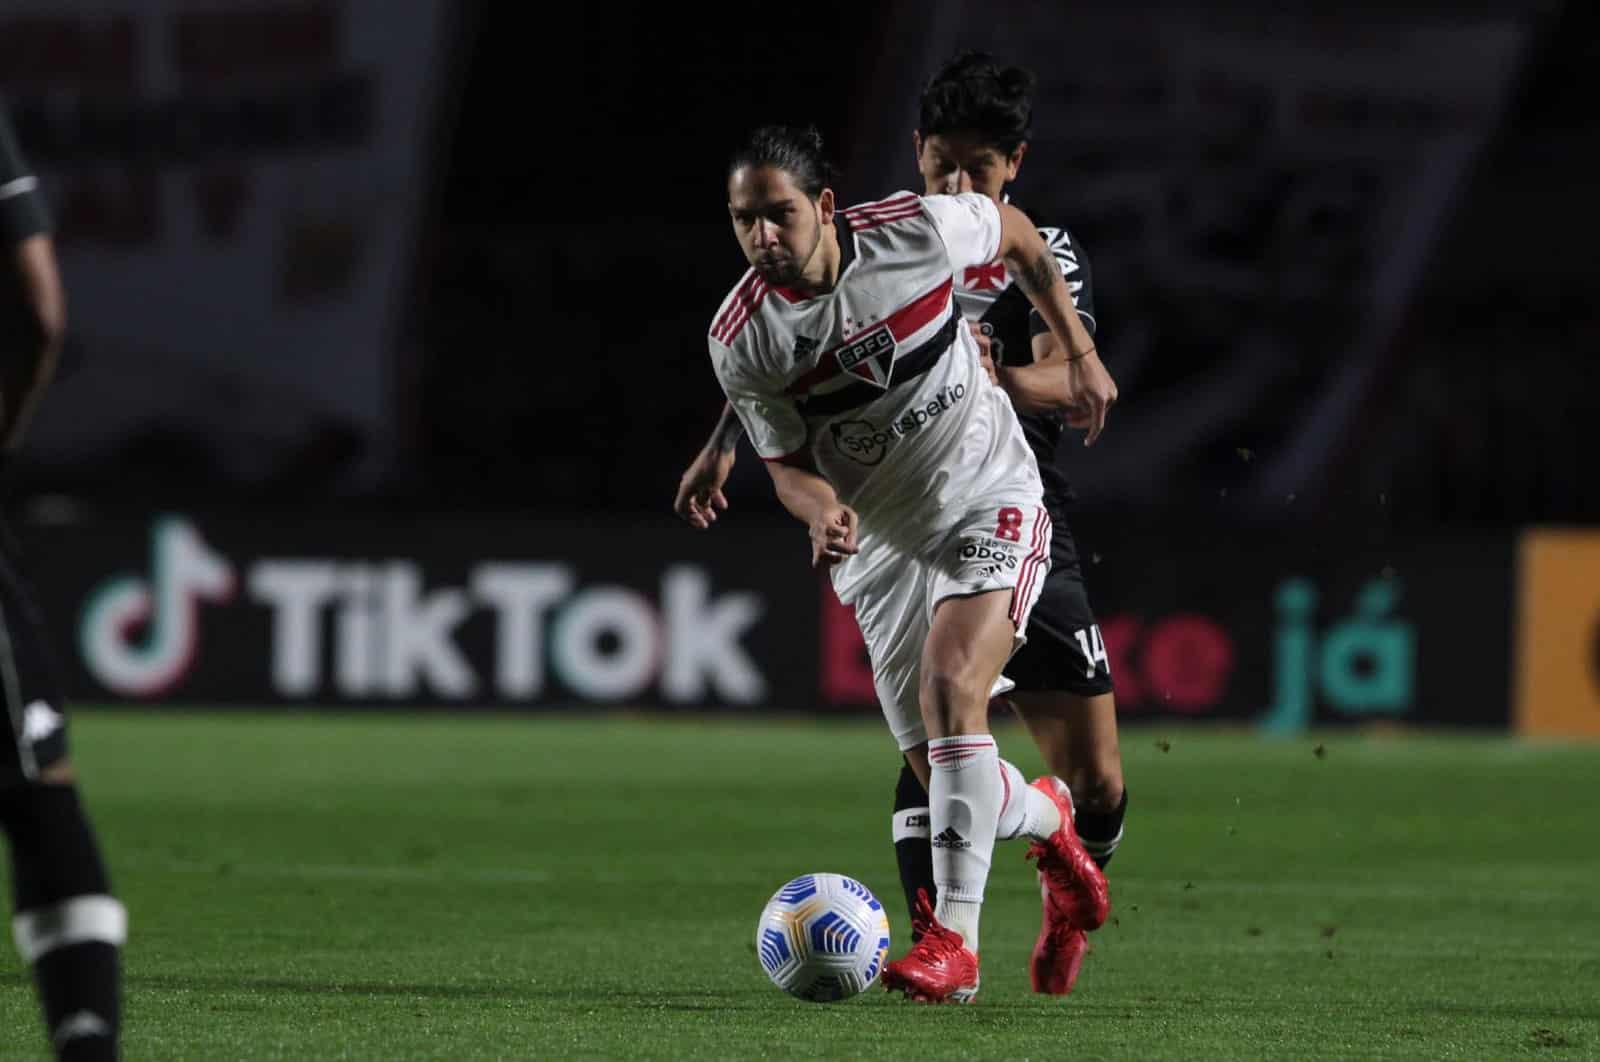 Meio-campista participou de 24 jogos pelo São Paulo. No geral, Martín Benítez marcou três gols e deu quatro passes para companheiros marcar